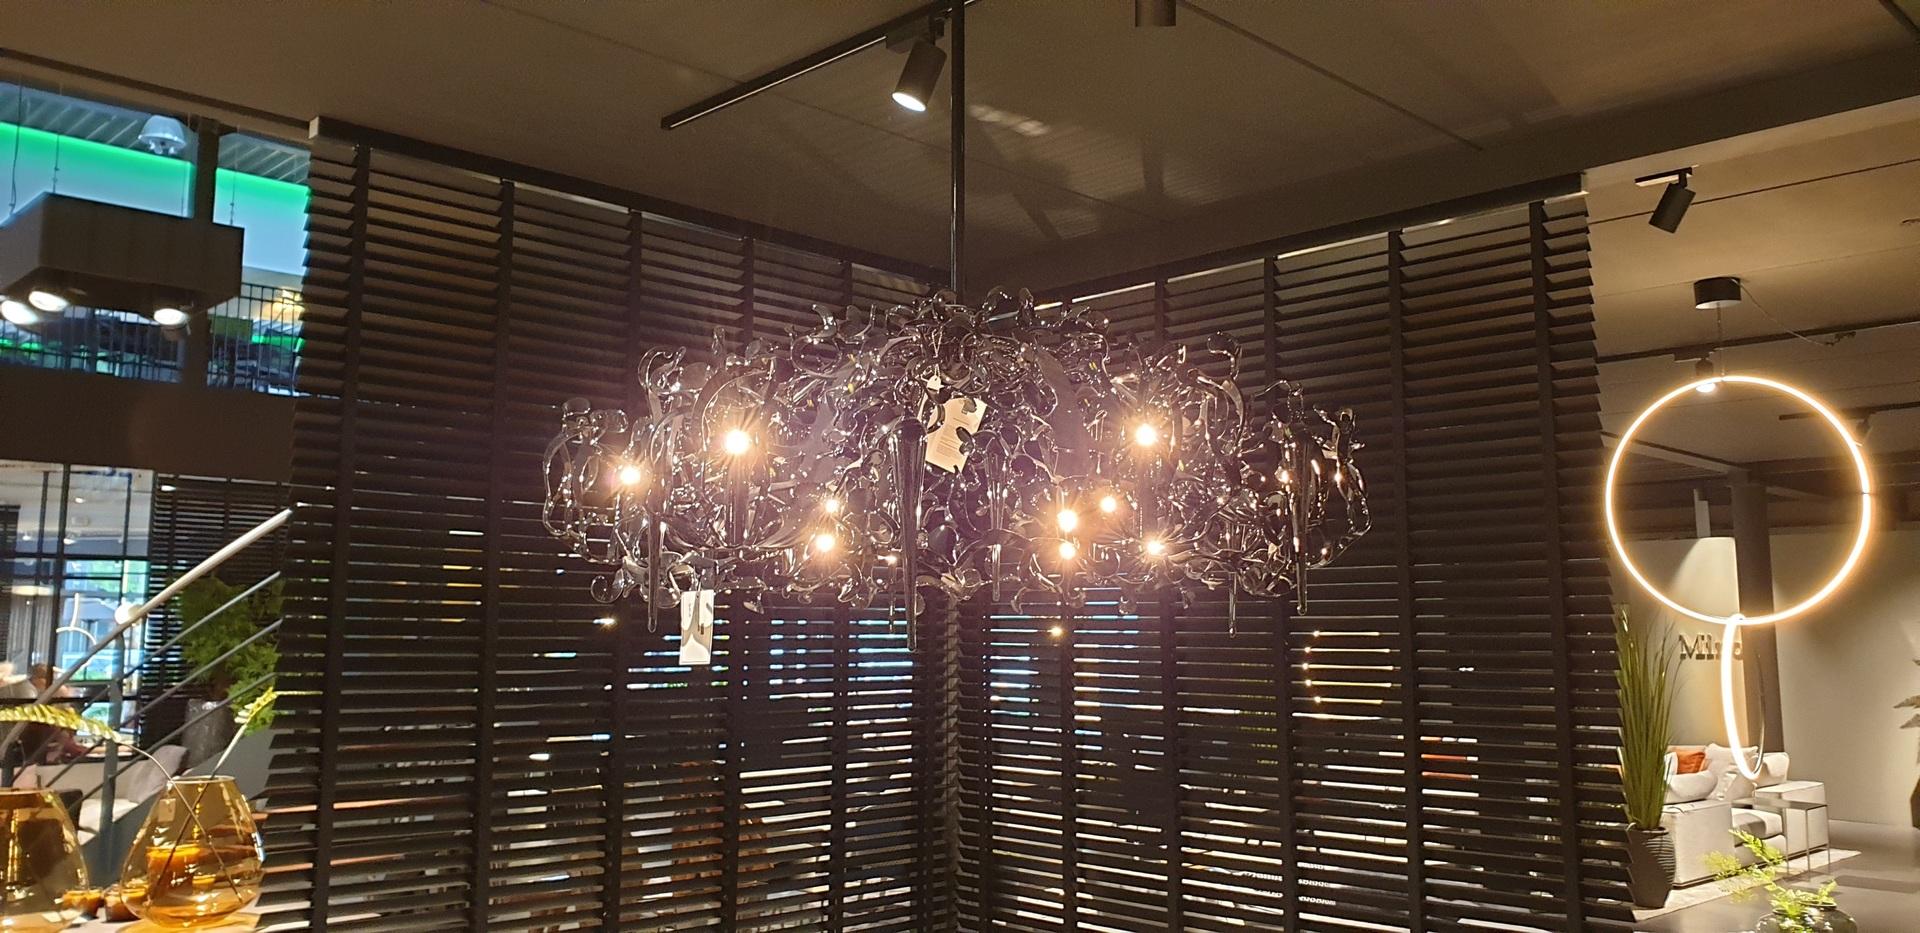 Brand van Egmond lamp Flower Power 2.jpg